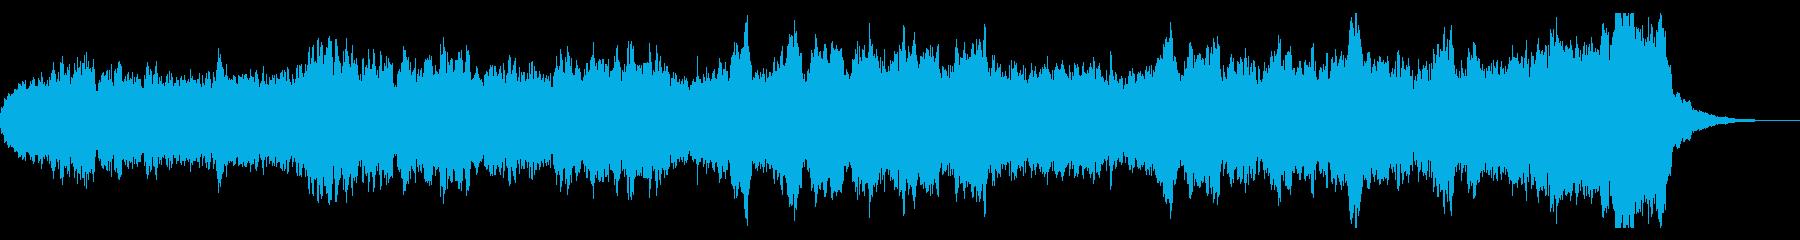 ファンタジーなオーケストラ 短めのBGMの再生済みの波形